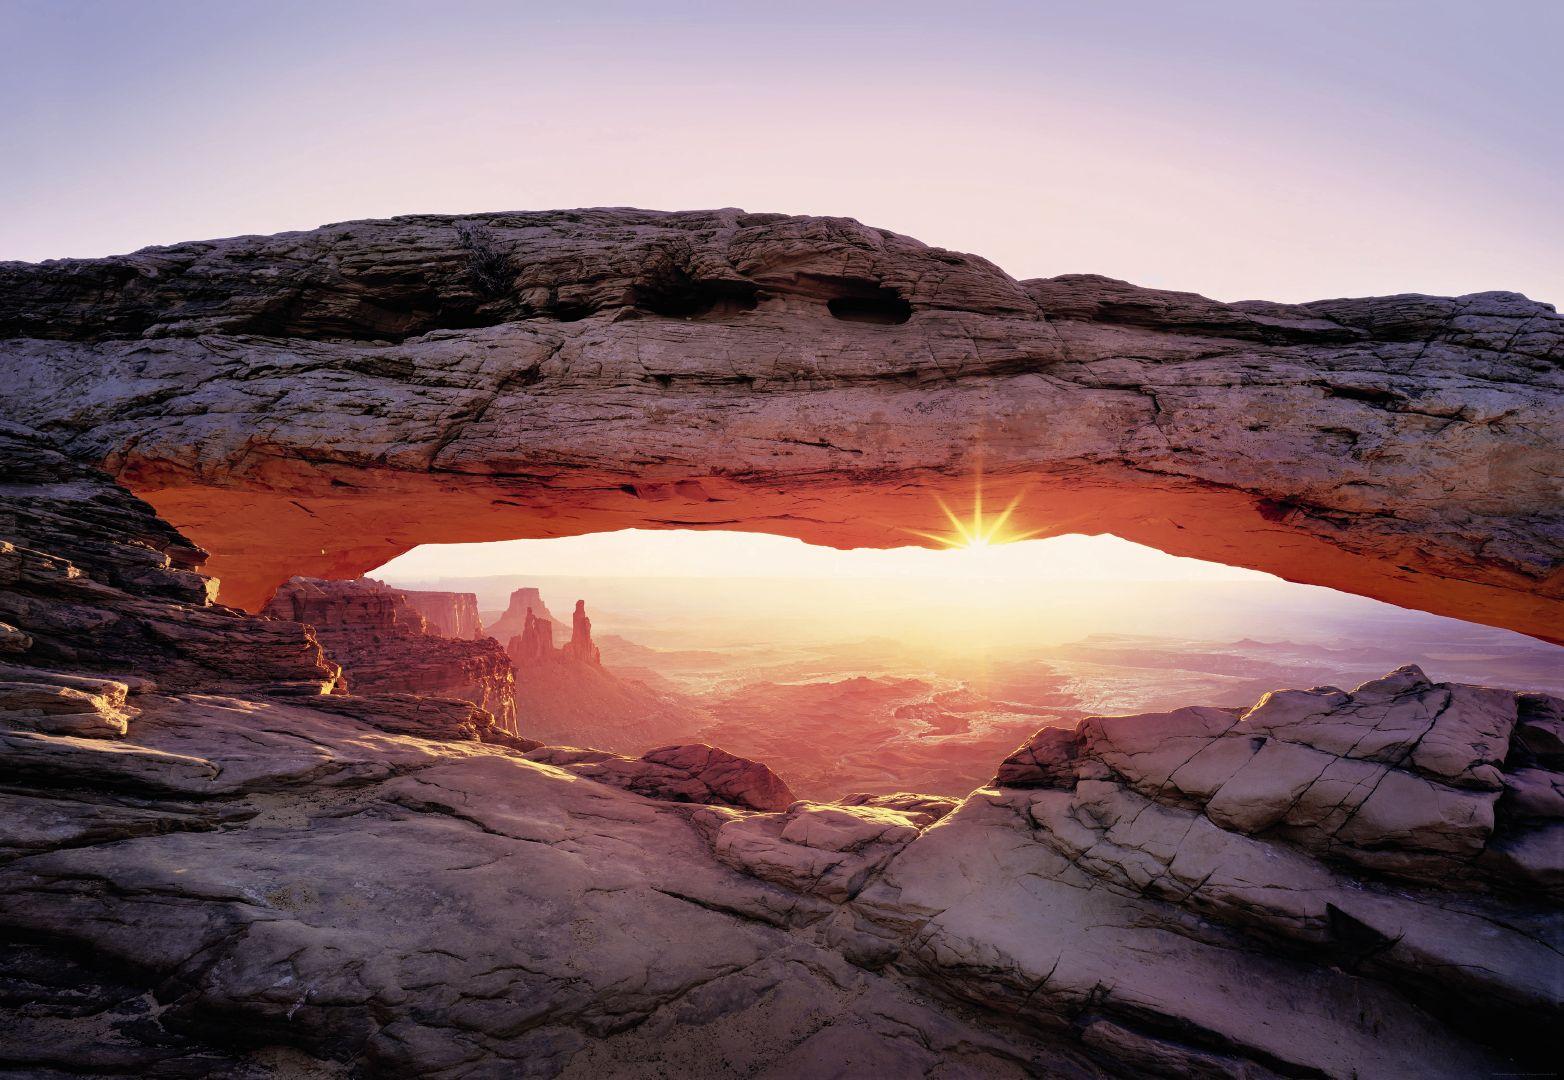 Fototapeta Arc Canyon 8-521 (8-dílná fototapeta)